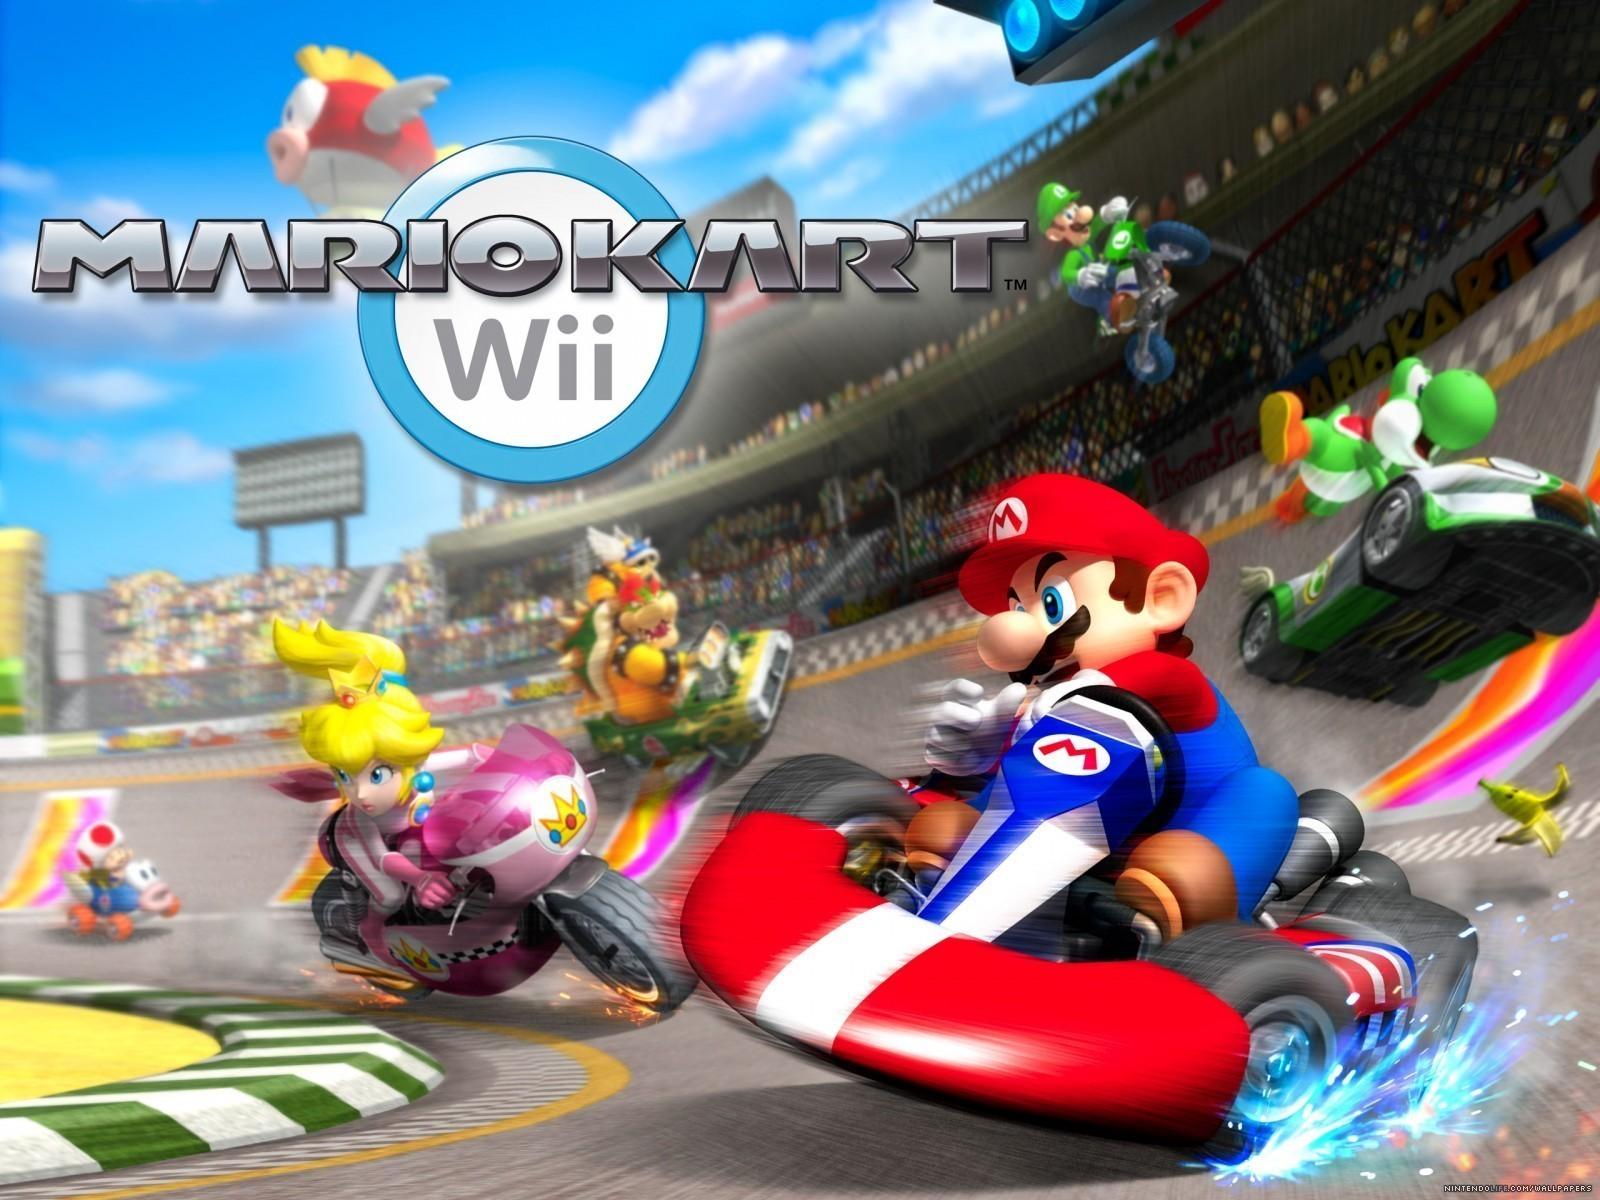 http://3.bp.blogspot.com/-m04KW0n3Og8/UDnBnRA69XI/AAAAAAAAIs0/uA-JsQnDNrM/s1600/Mario-Kart-DS-002.jpg